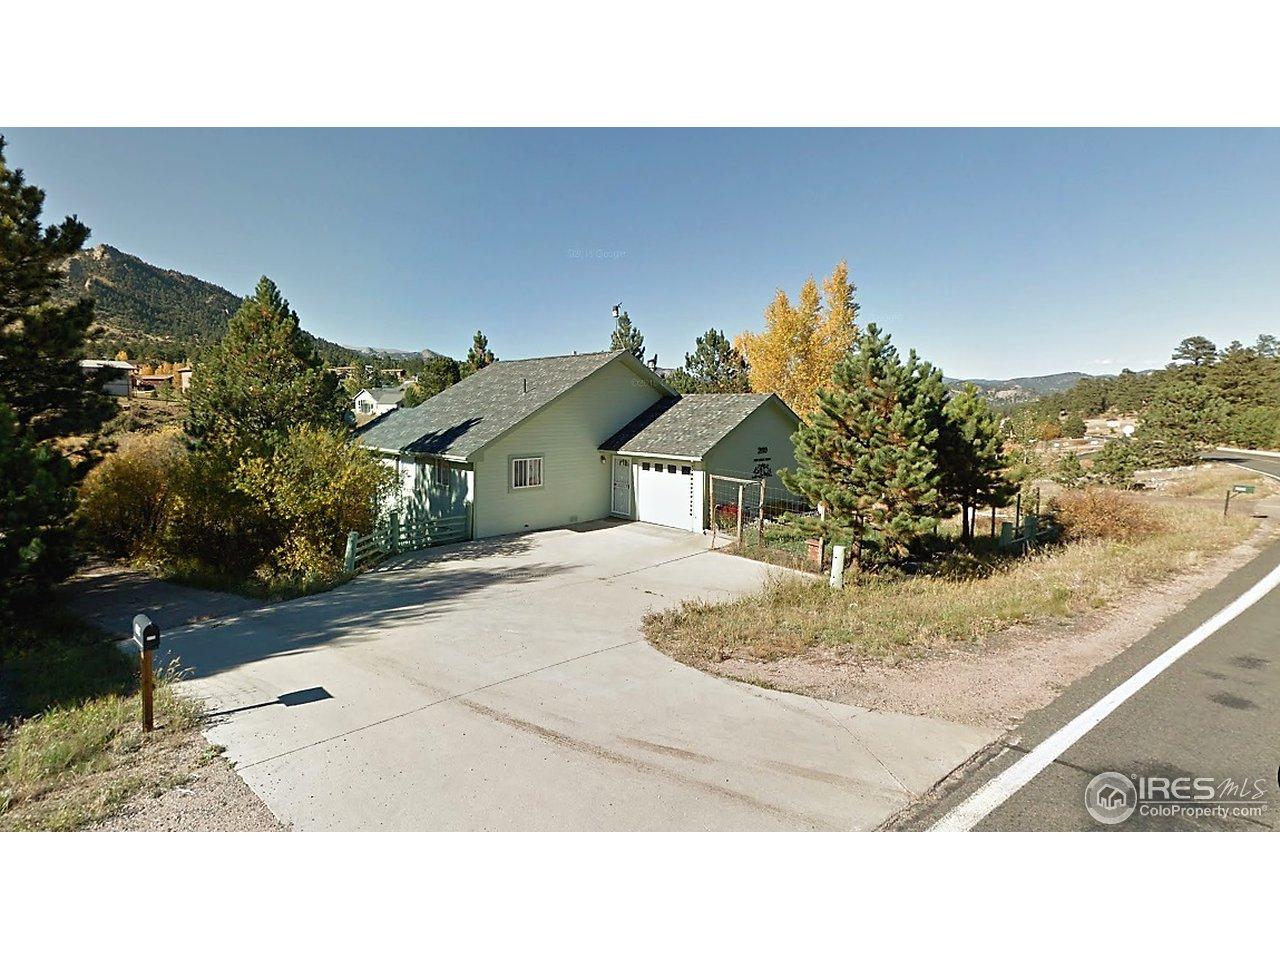 2119 Fish Creek Rd, Estes Park CO 80517